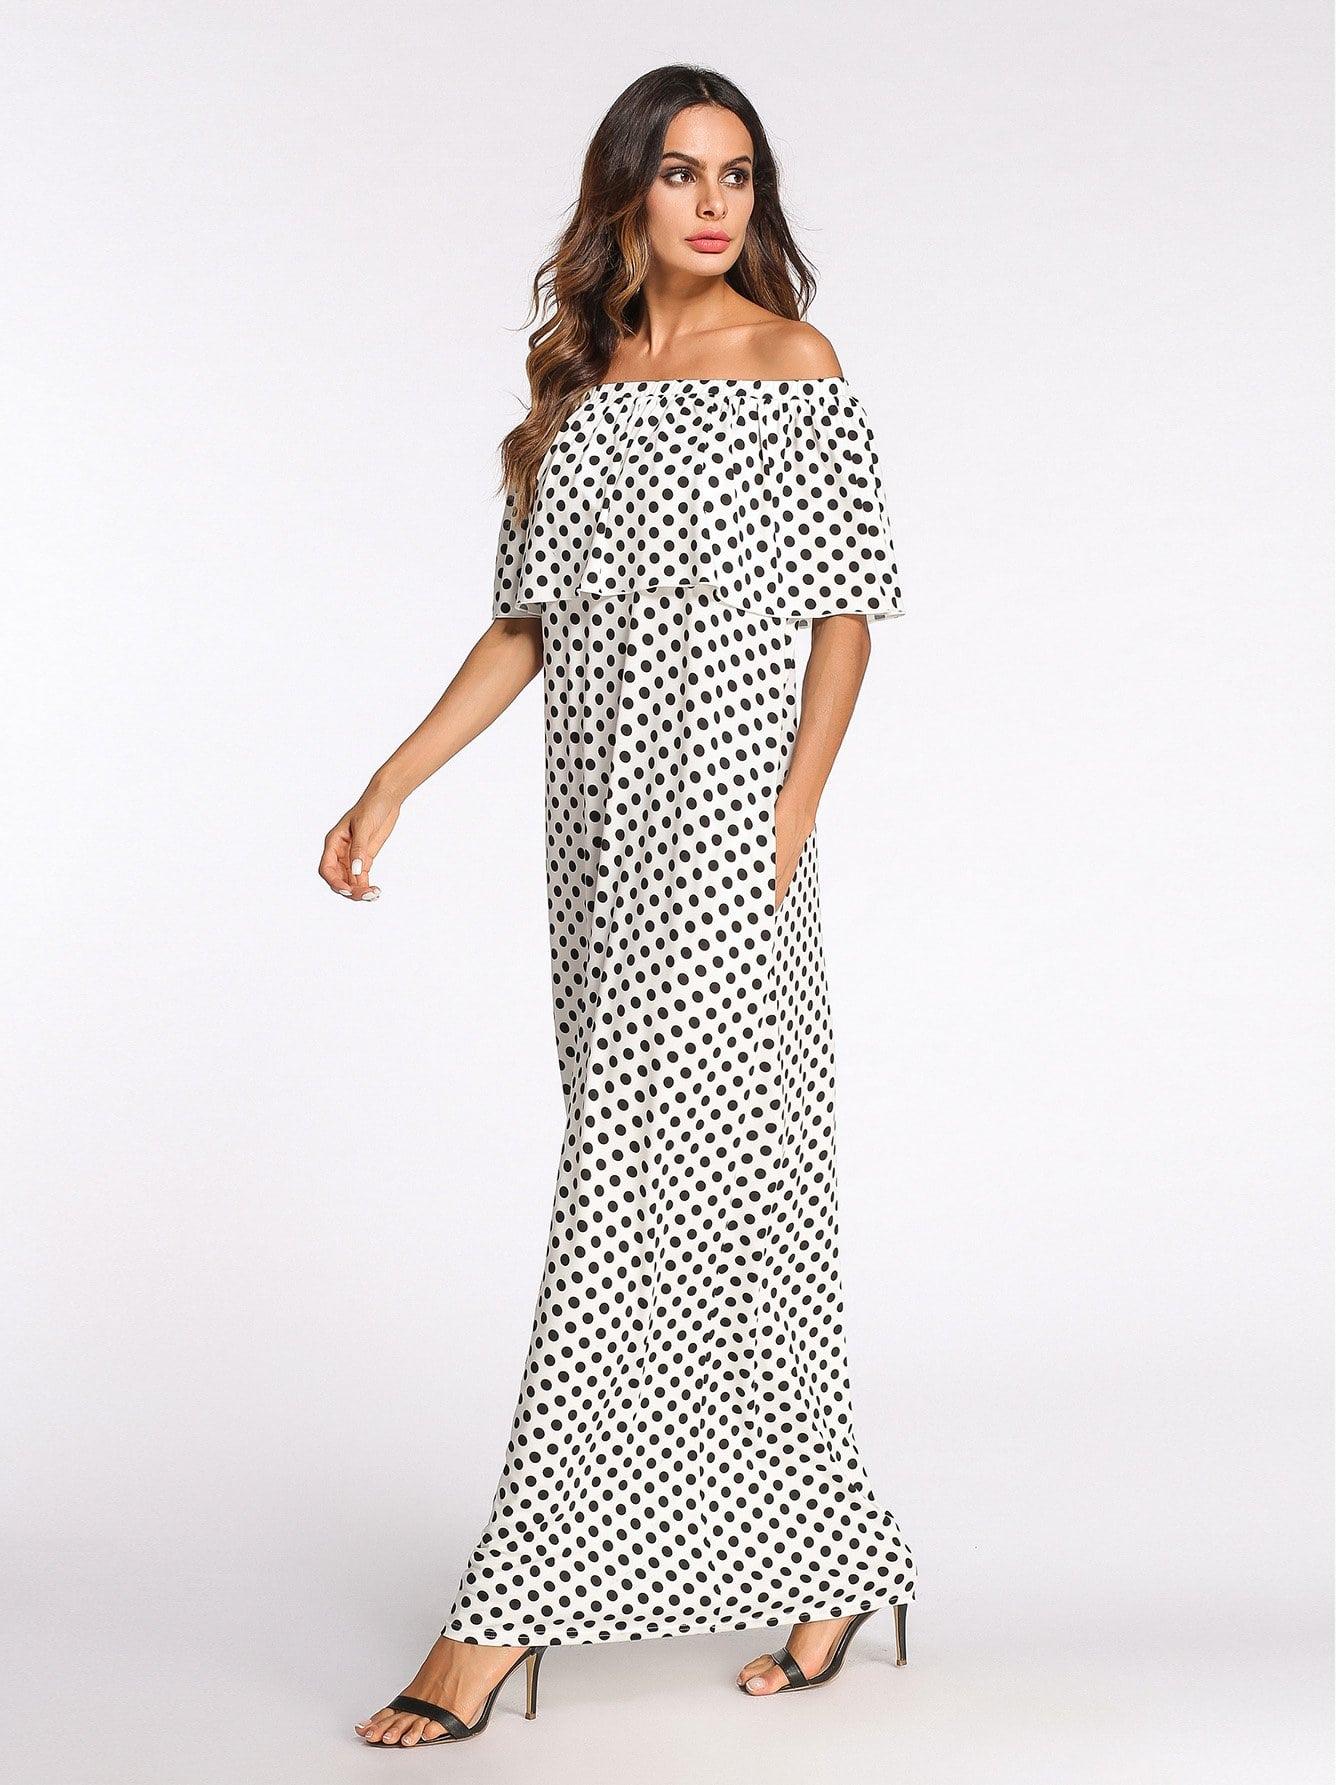 Off-Shoulder Dot Print Longline Dress tribal print longline dress